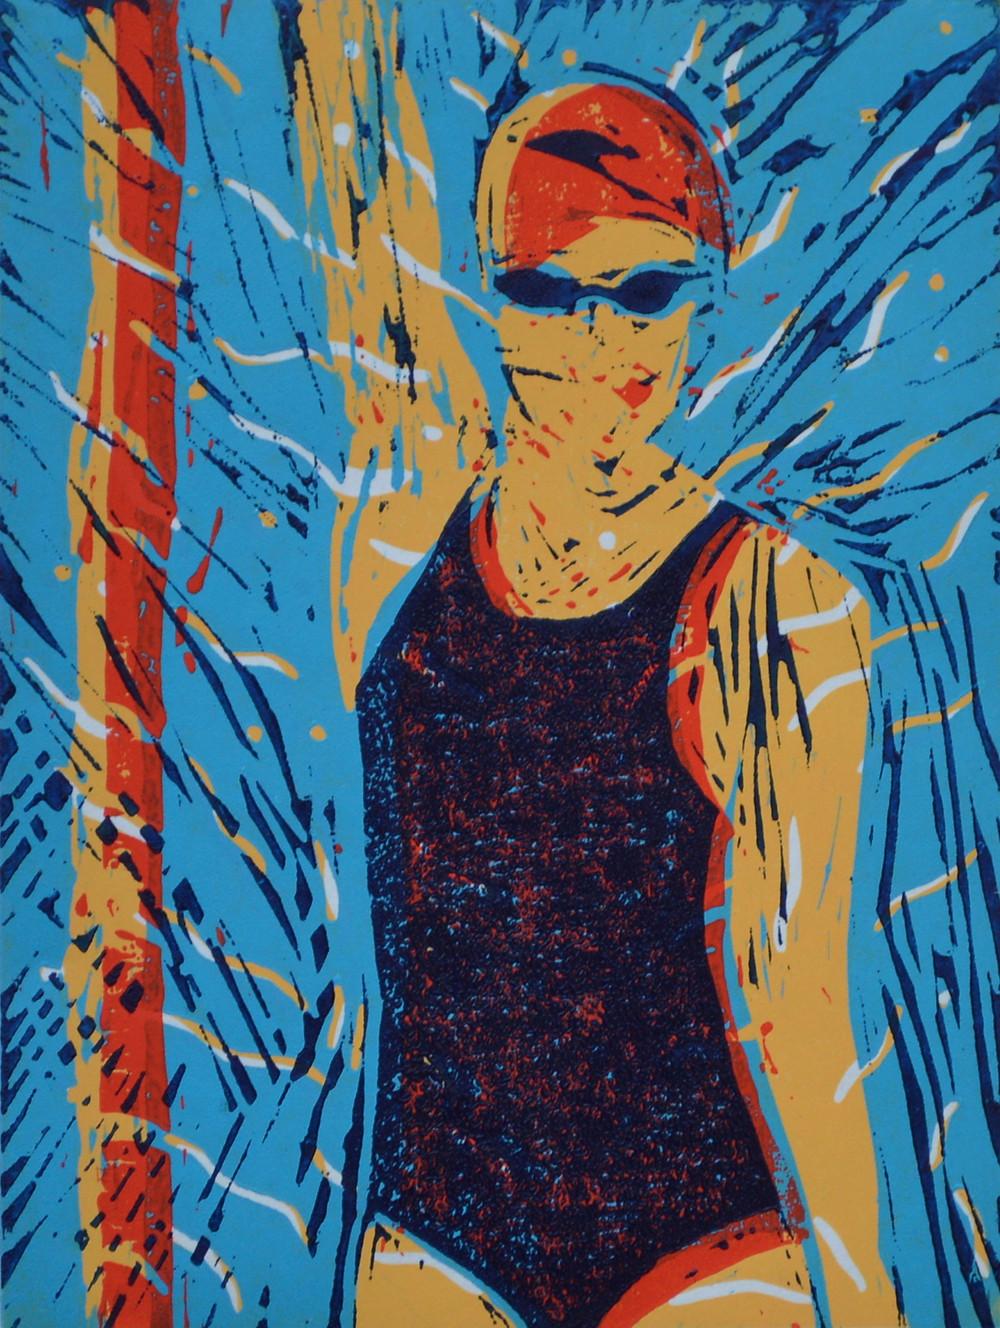 Swimmer in the fast lane, linocut by Sandra Millar